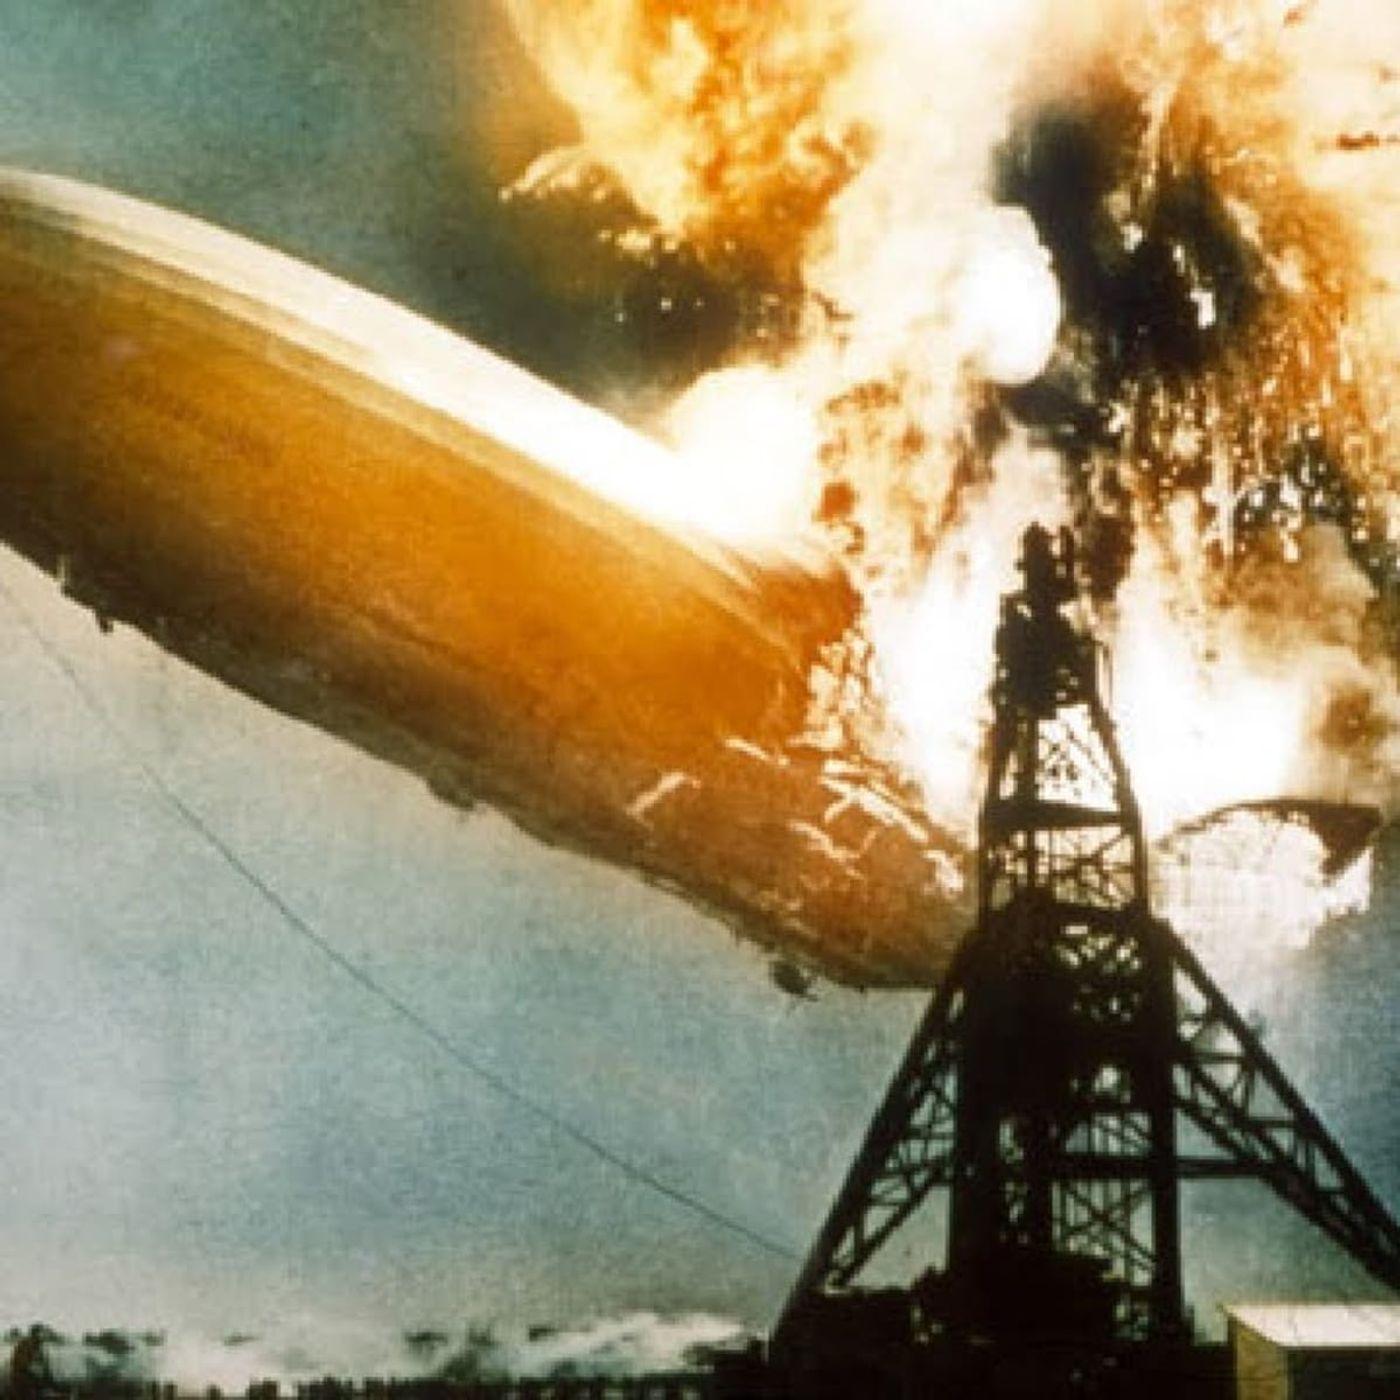 Inferno di fuoco - LZ-129 Hindenburg